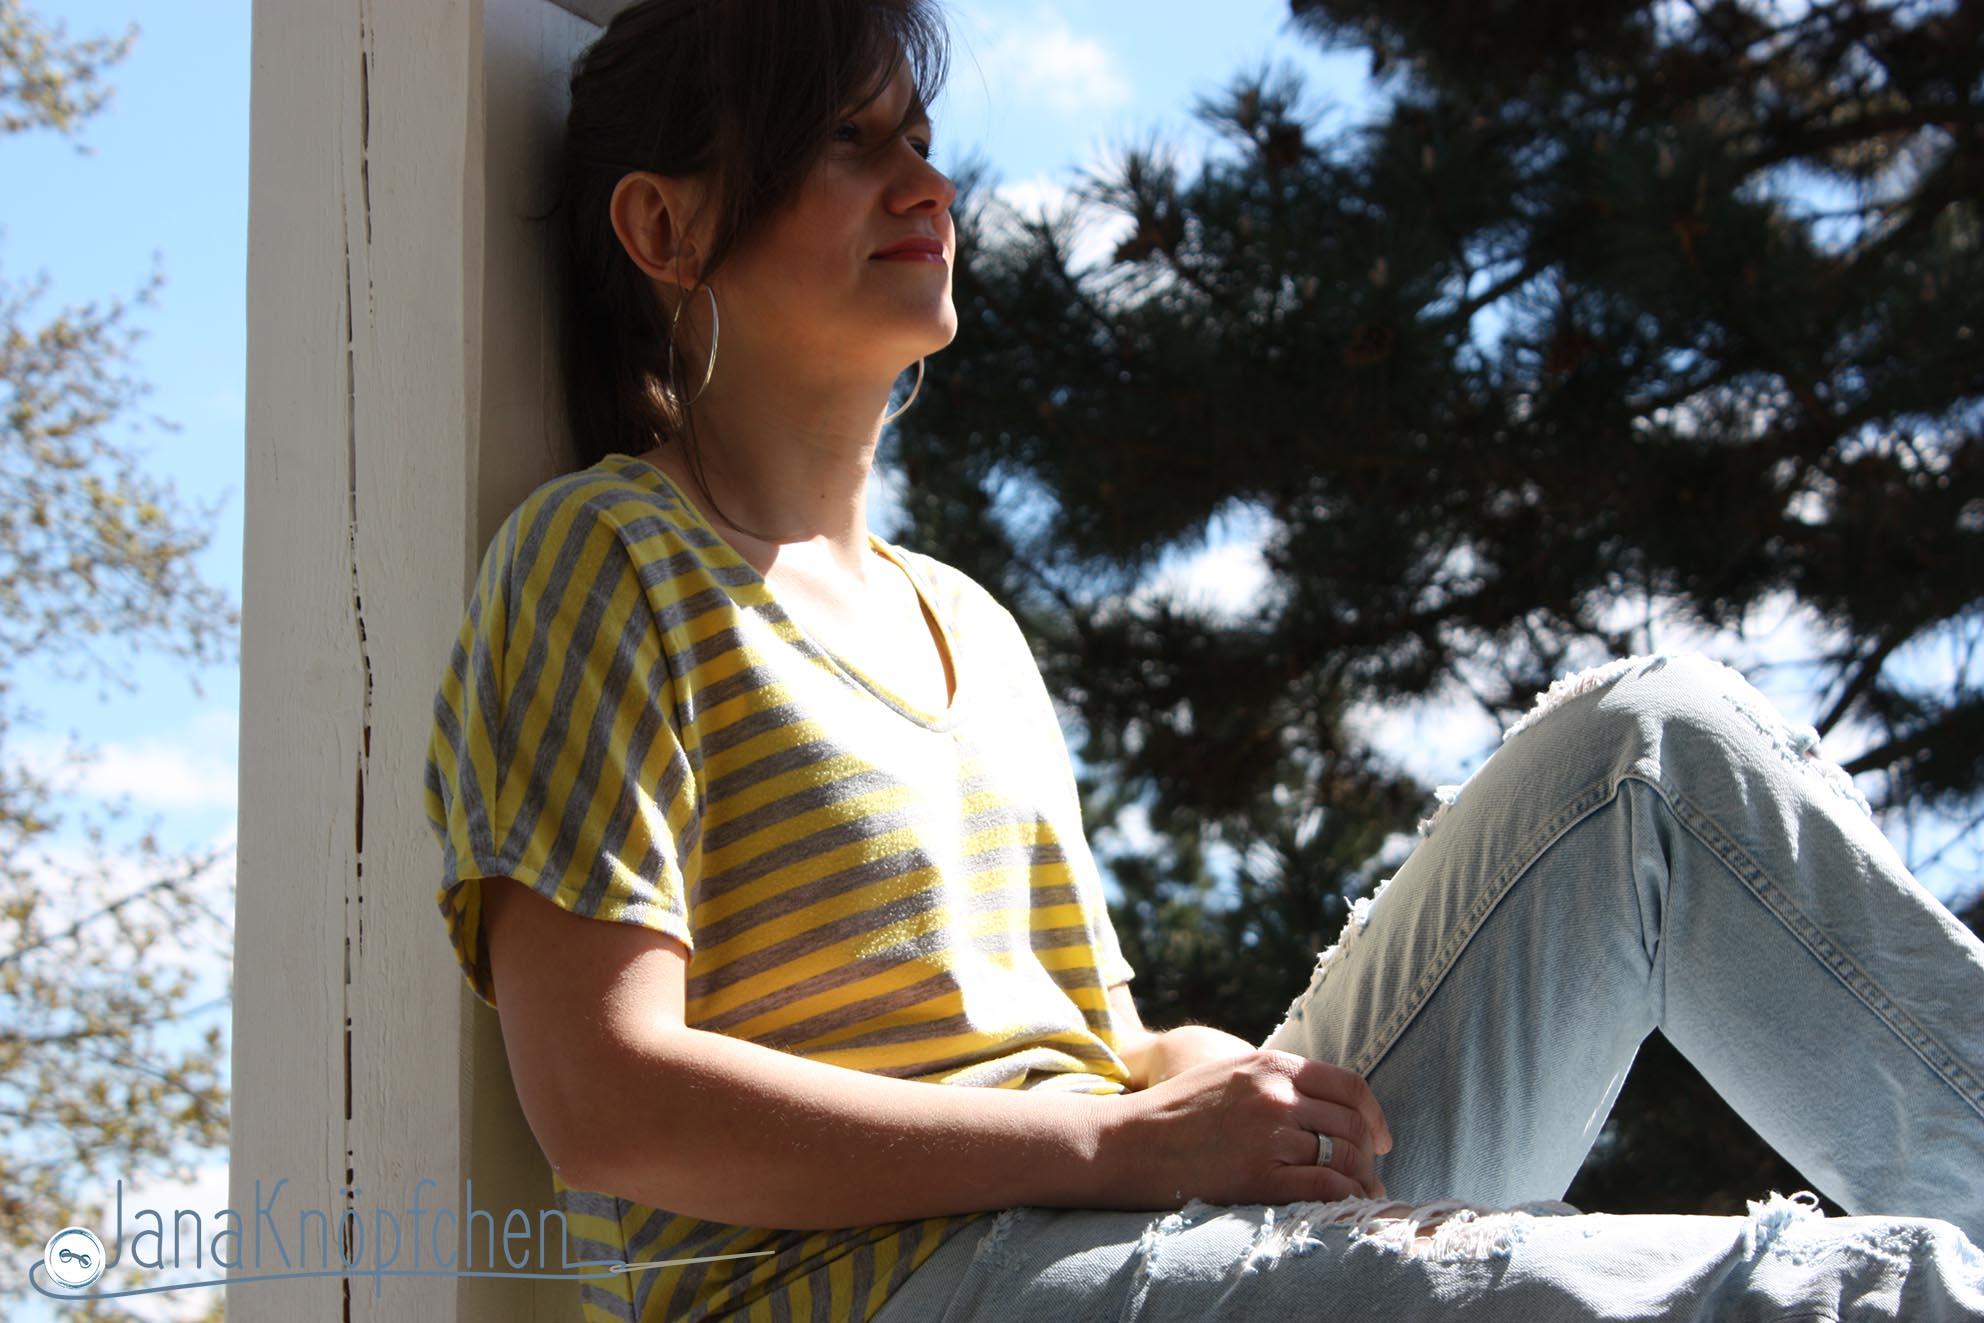 Rückblick: mein erstes selbstgenähtes Shirt für mich war die Elaine nach dem Schnitt von Pattydoo. Und es ist gelb-grau, daher auch gleich bei 12 Colors of Handmade Fashion von Tweet and Greet dabei. JanaKnöpfchen - Nähen für Jungs. Nähblog